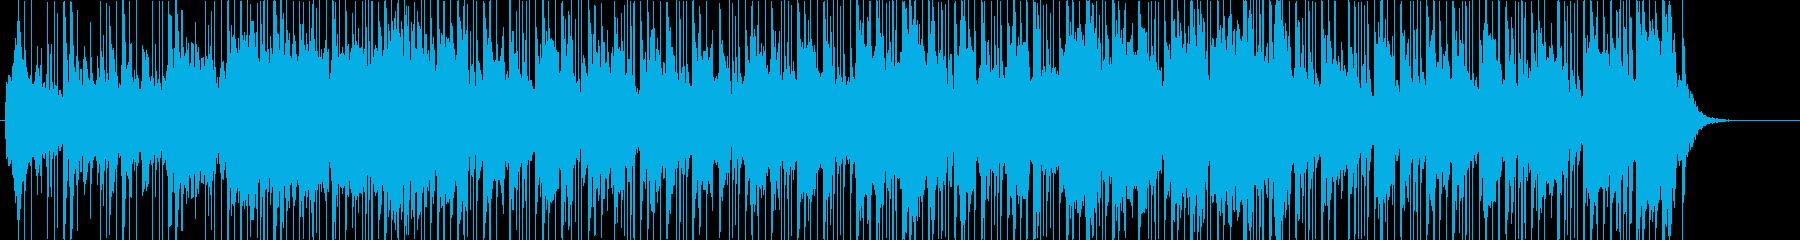 和楽器+ポップスアレンジで前向きな和風曲の再生済みの波形